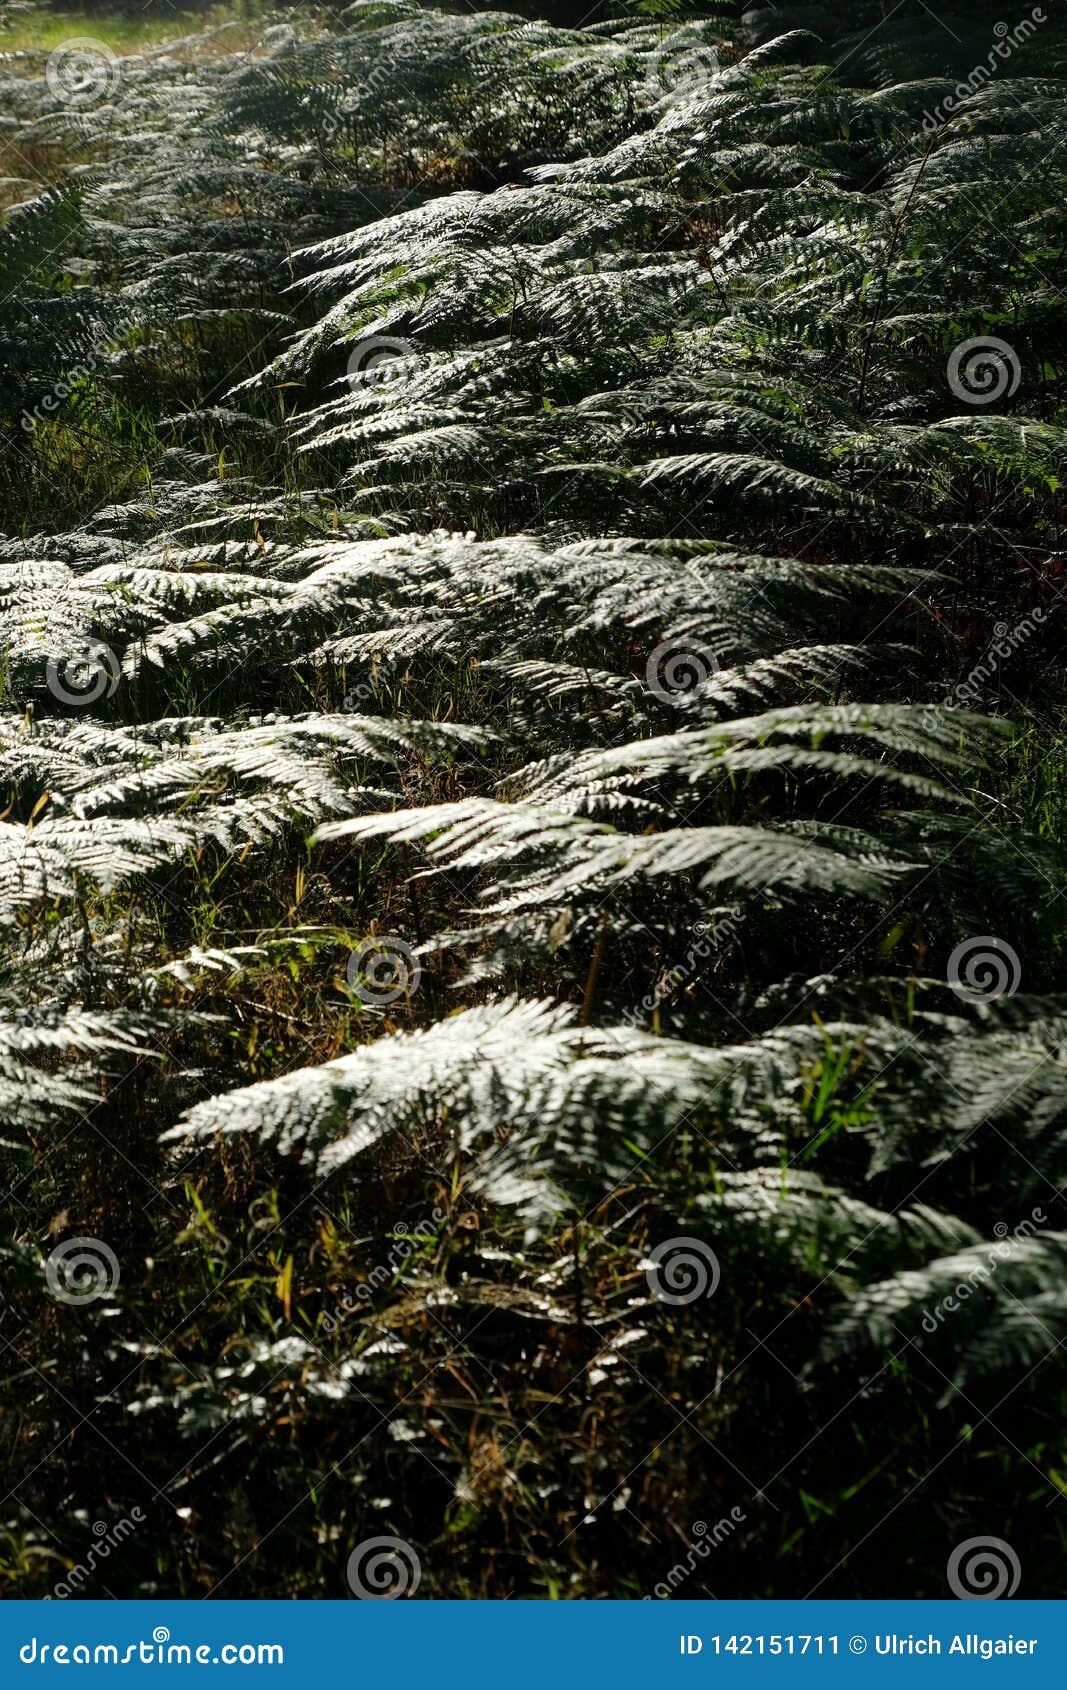 Brillant, fougère se reflétante dans la forêt dans la lumière arrière